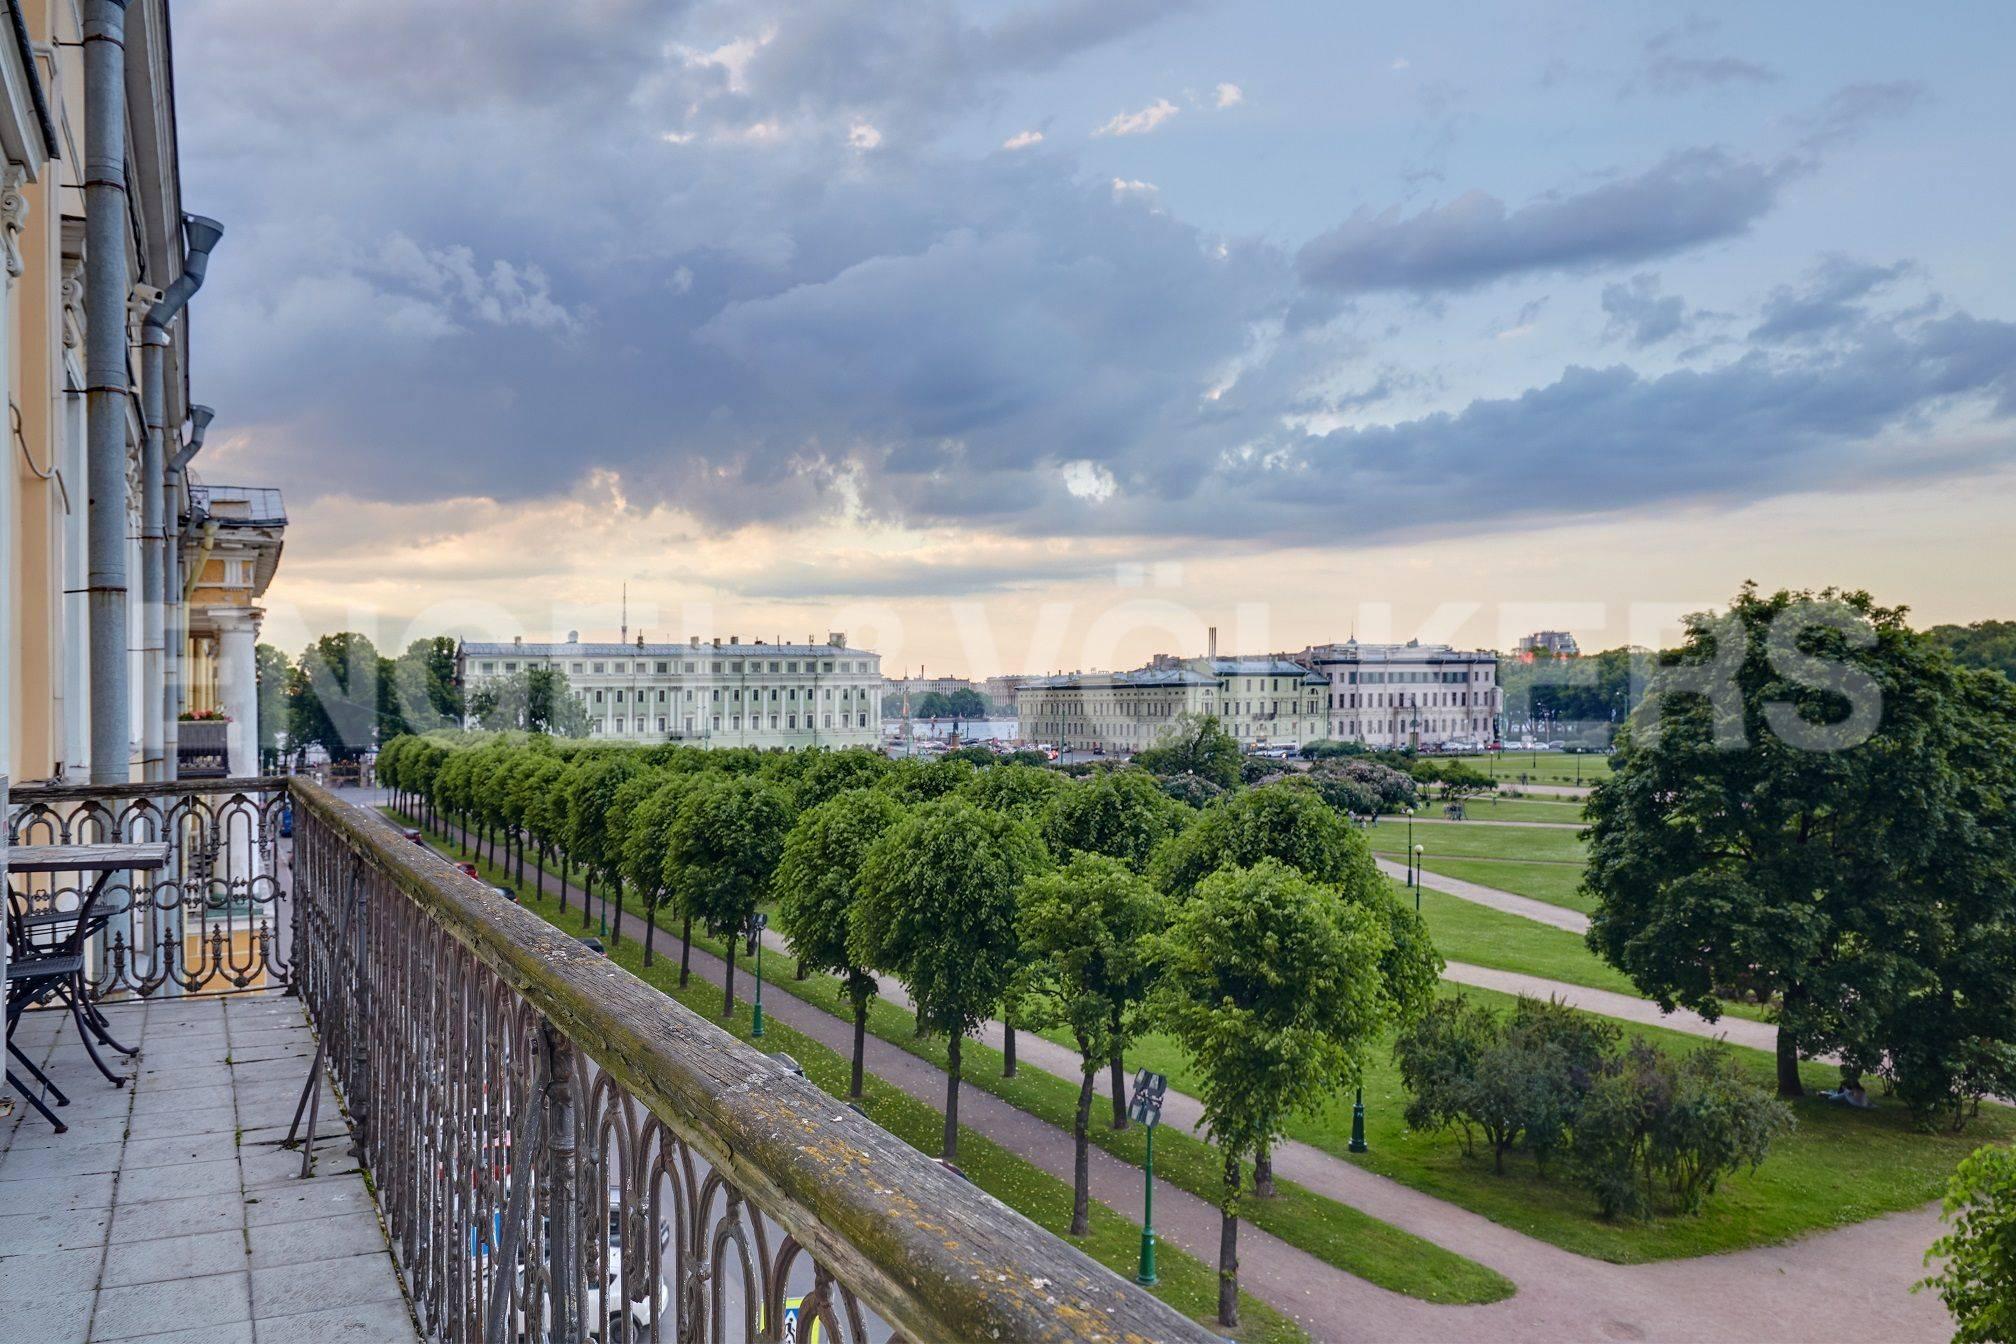 Элитные квартиры в Центральном районе. Санкт-Петербург, Марсово поле, 3. Панорамный вид с фасадного балкона в сторону Суворовской площади